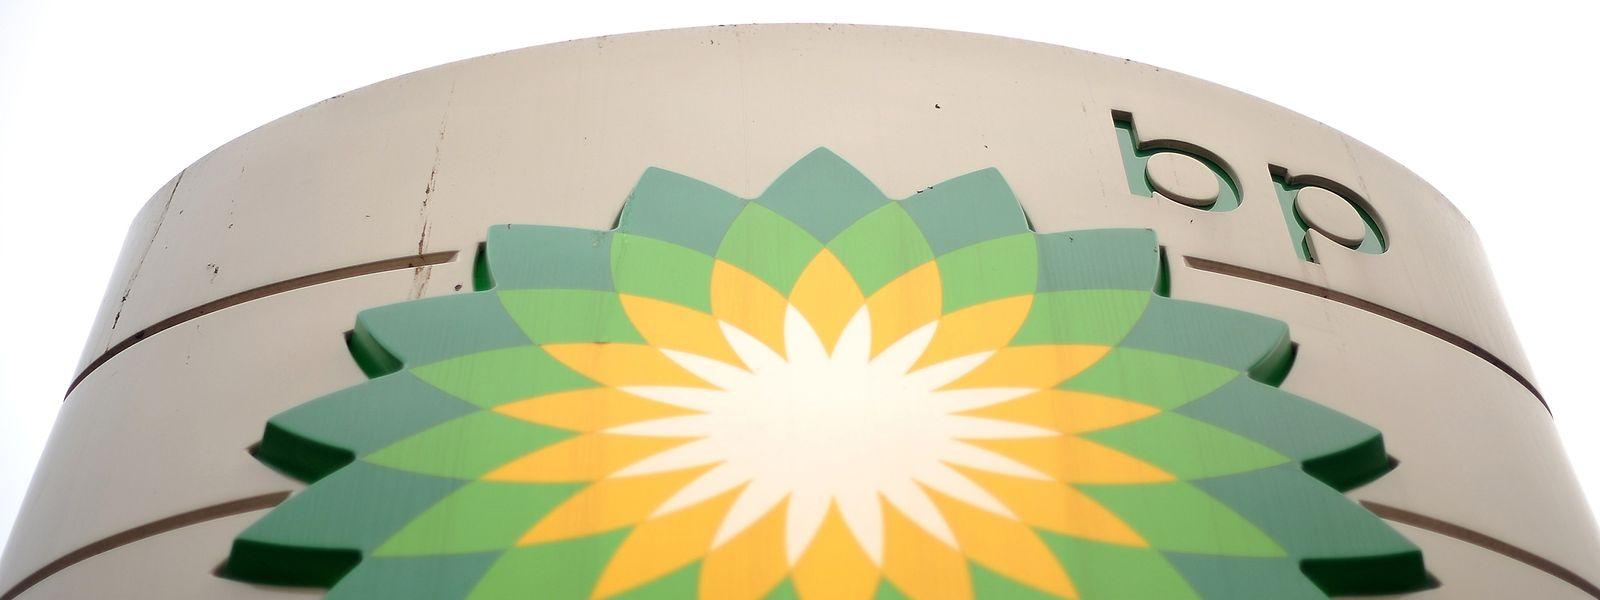 BP comme BASF ou British American Tobacco font partie des firmes dont les filiales auraient bénéficié d'une fiscalité avantageuse en Belgique.